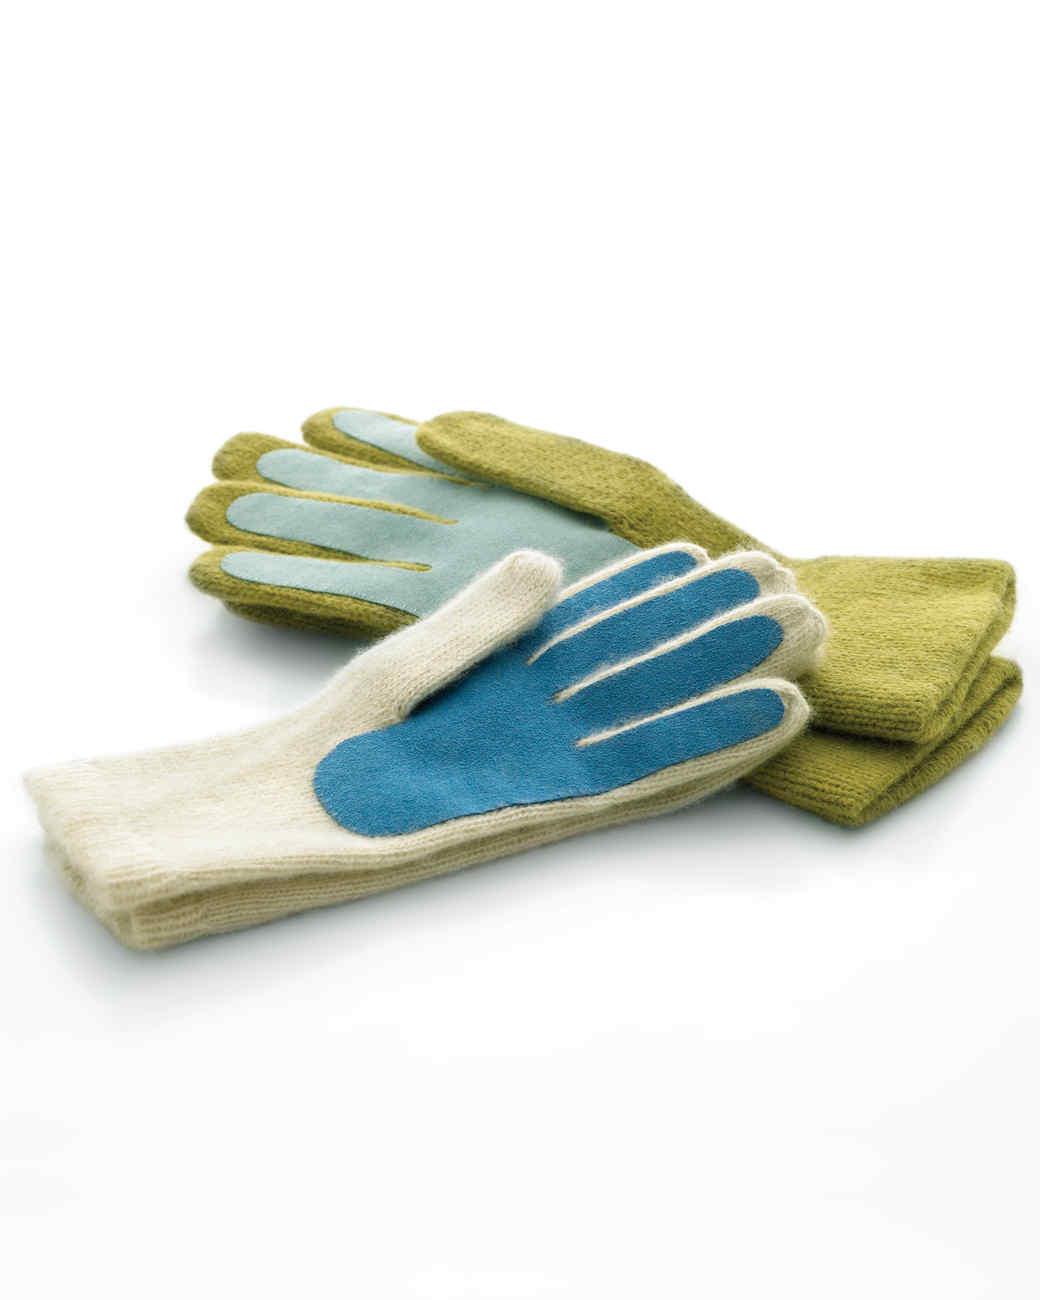 Glove Grips